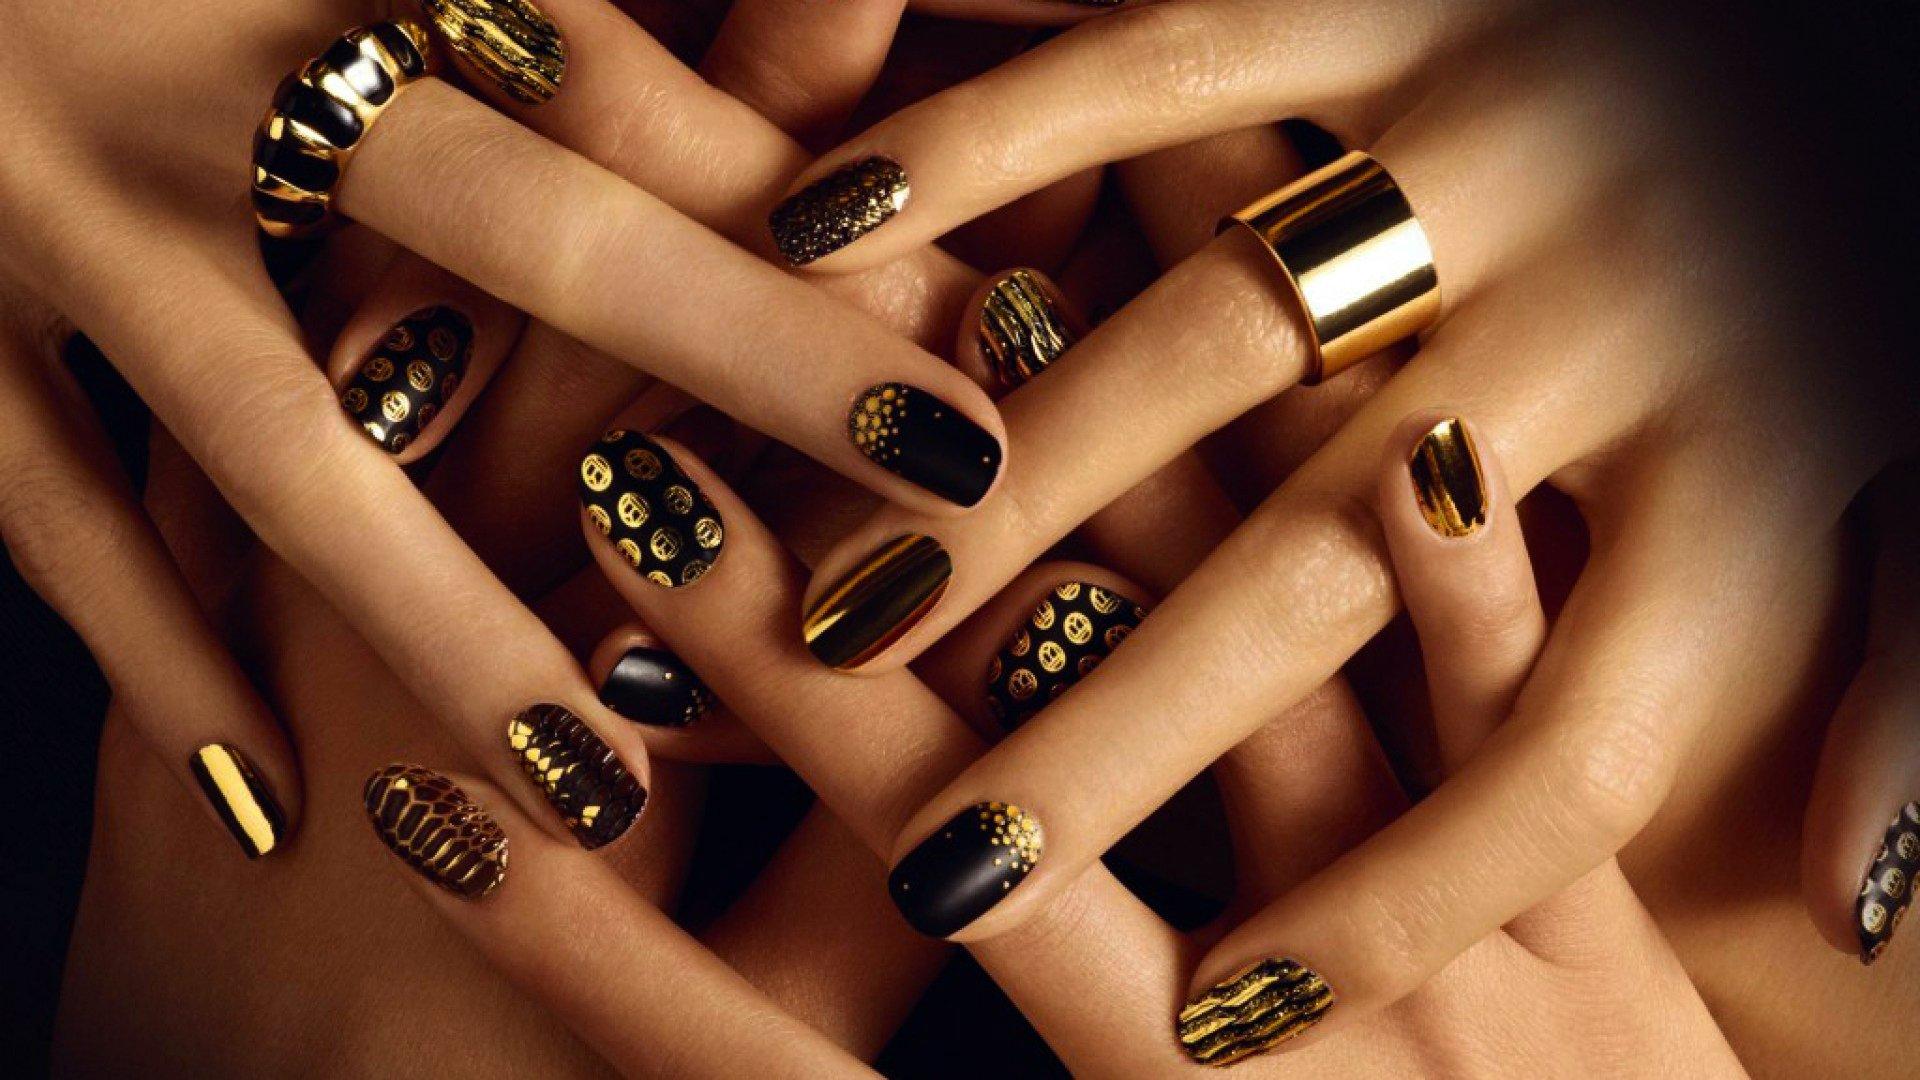 Uñas pintadas con esmalte en color negro y dorado